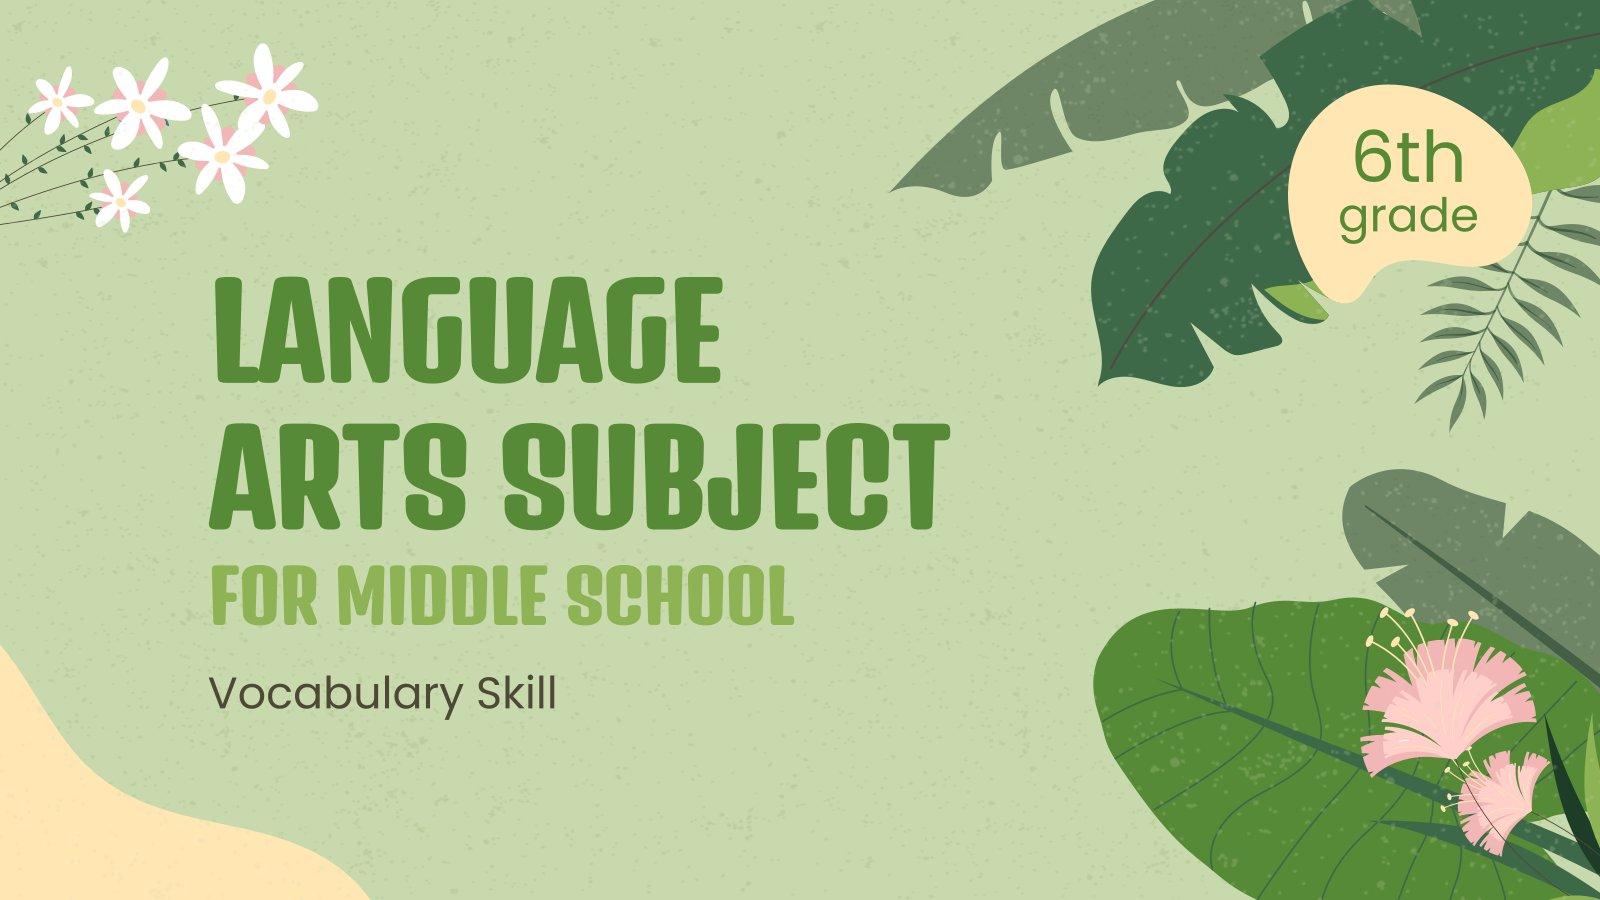 Cours d'anglais pour l'école primaire : Modèles de présentation